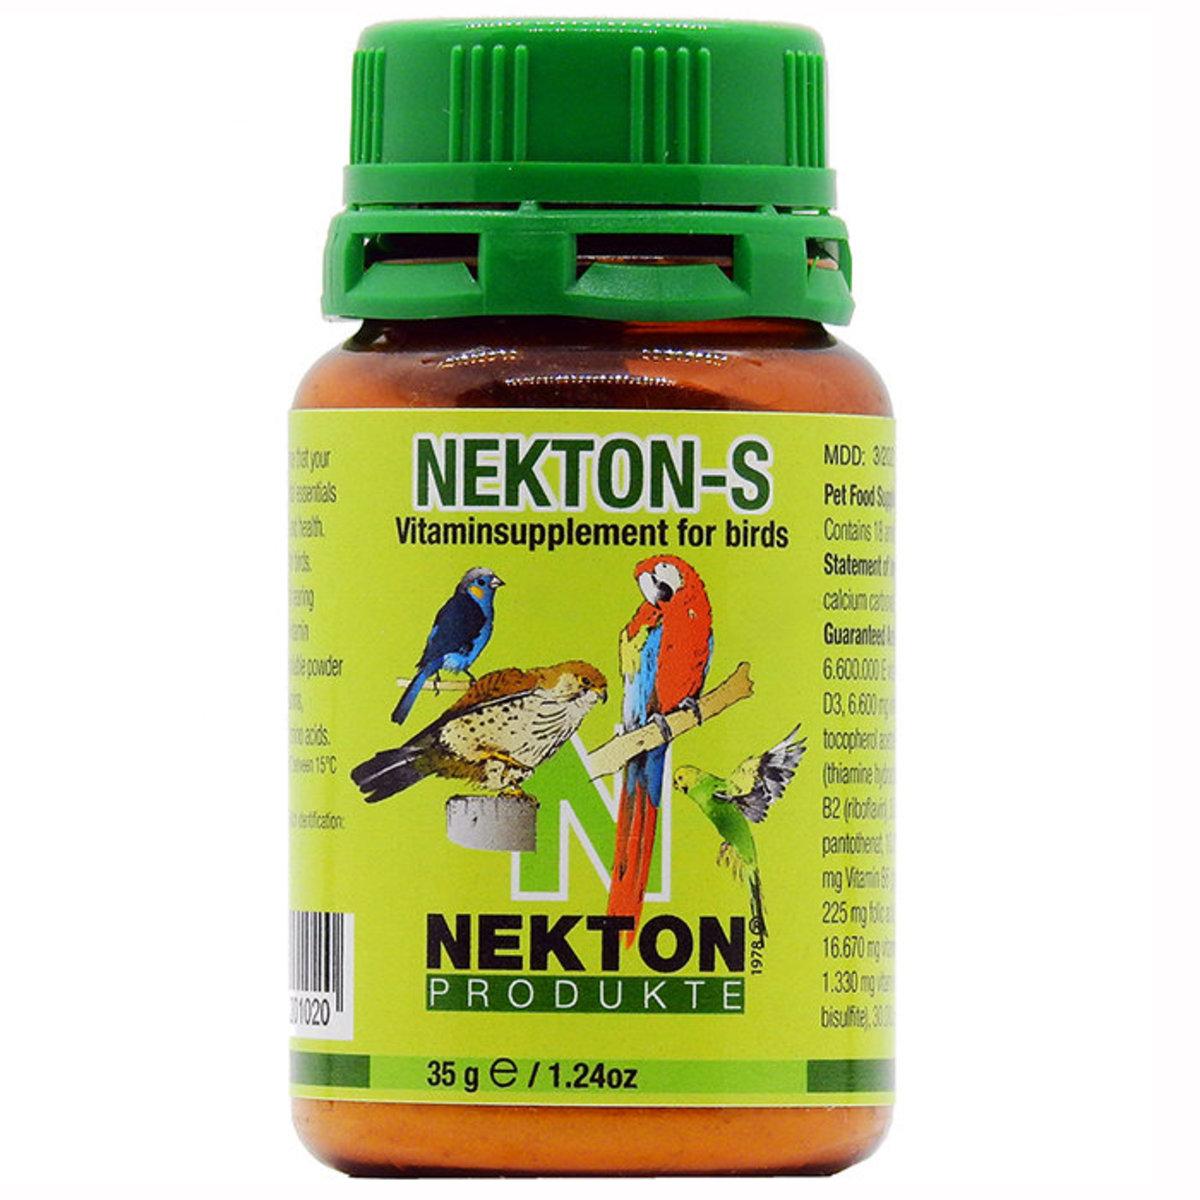 Nekton-S Vitaminsupplement for Birds 35g